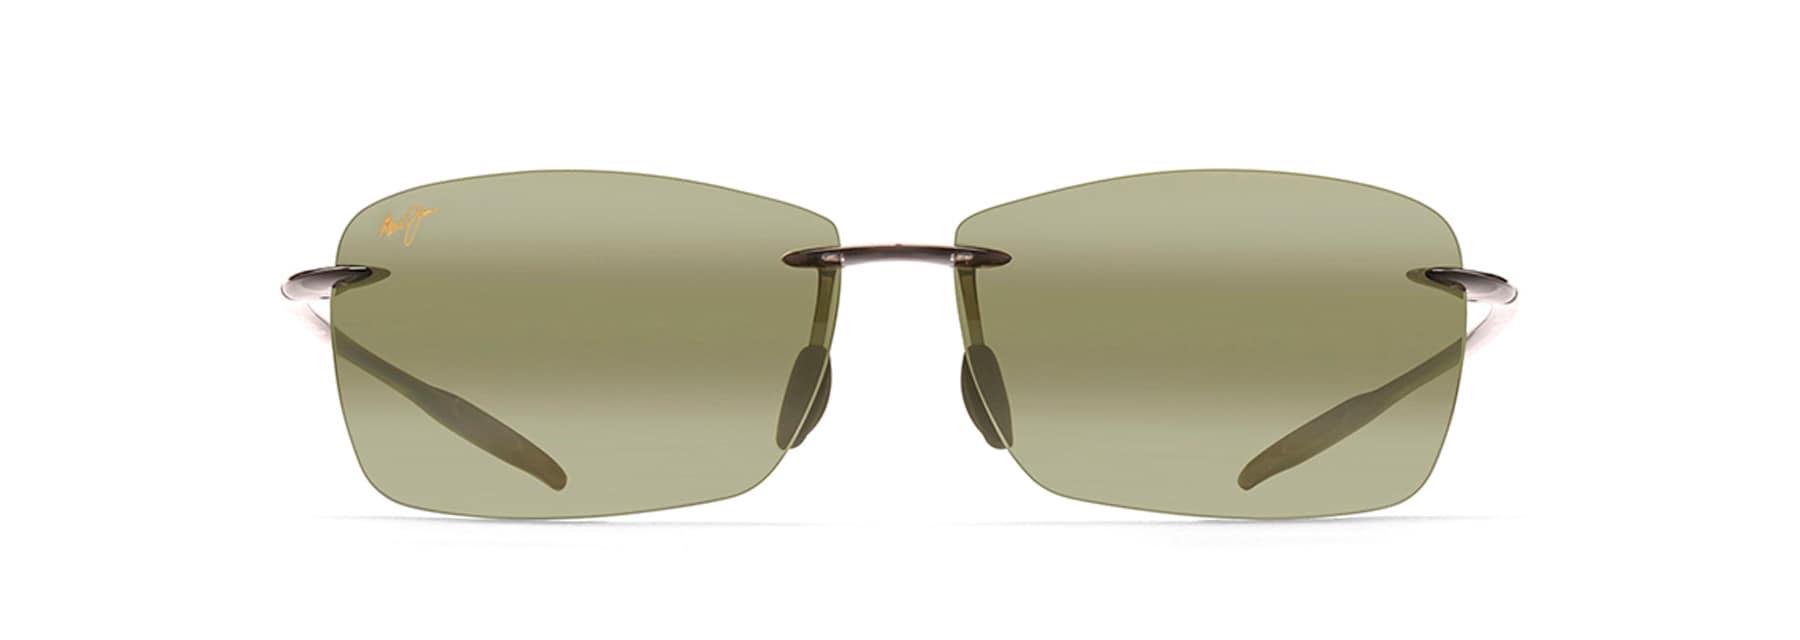 4d9768e648b6 Lighthouse Polarised Sunglasses | Maui Jim®